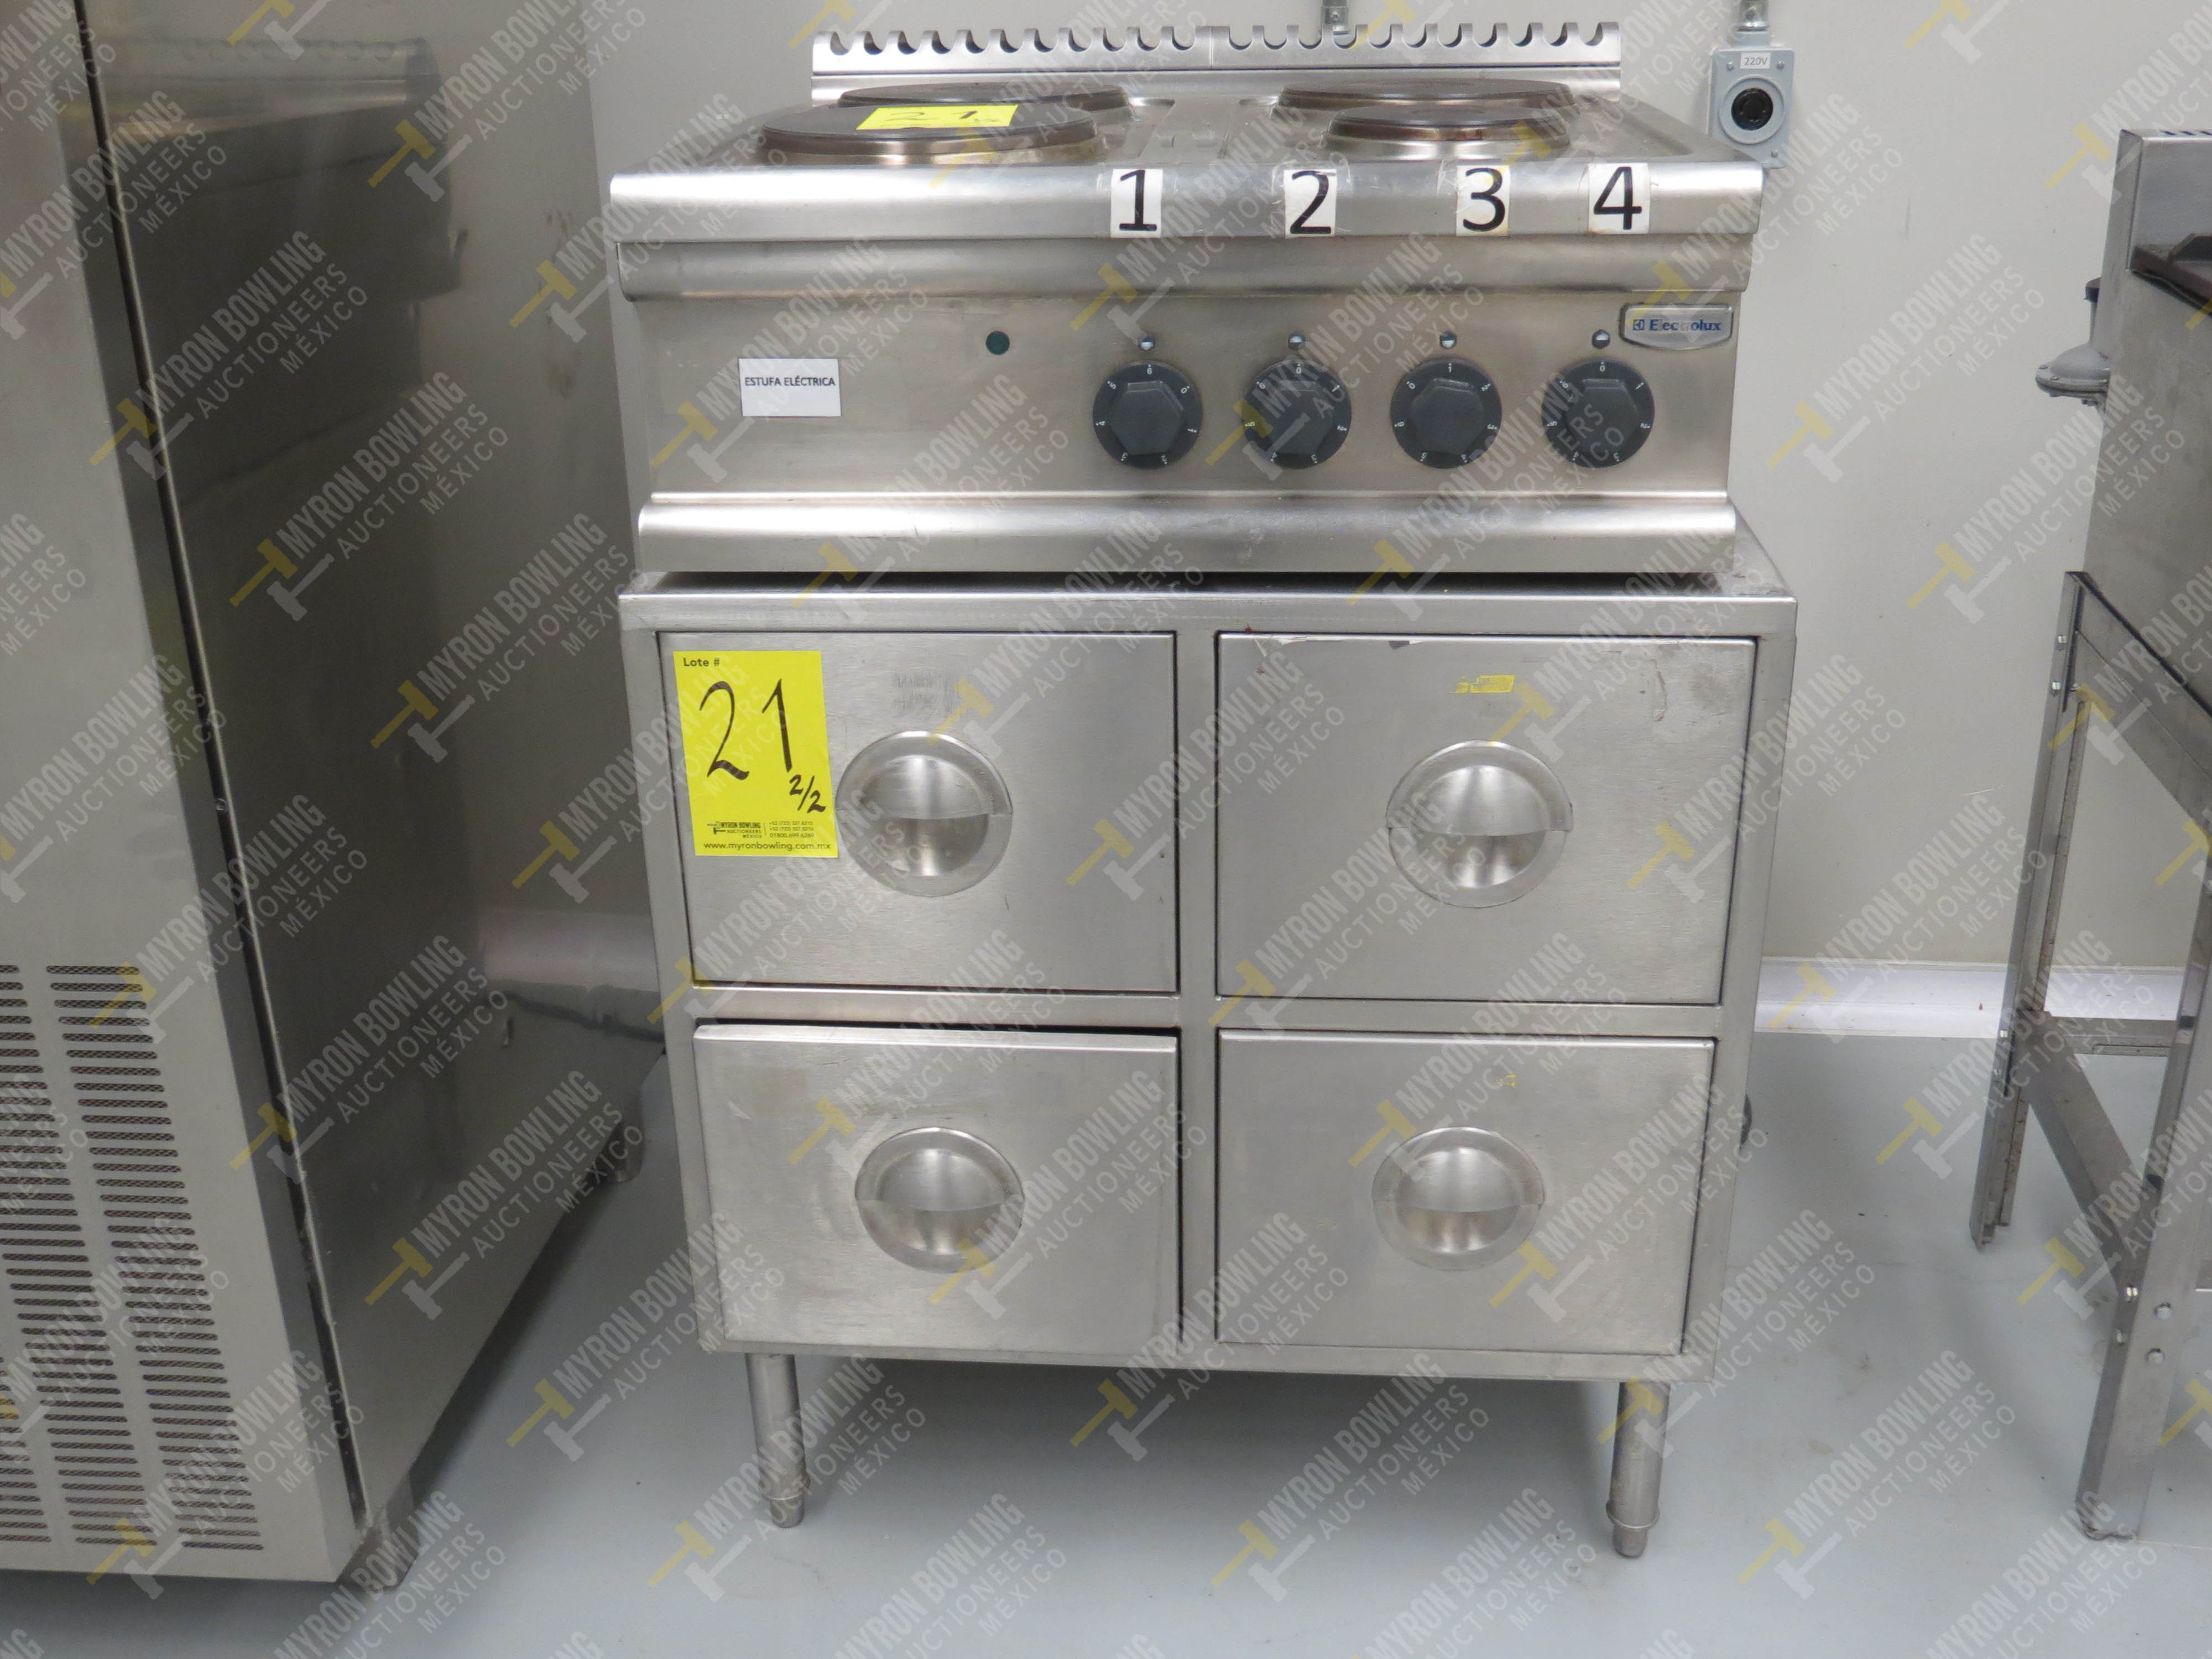 Estufa eléctrica de cuatro quemadores marca Electrolux de medidas 70 x 70 x 30 cm, …